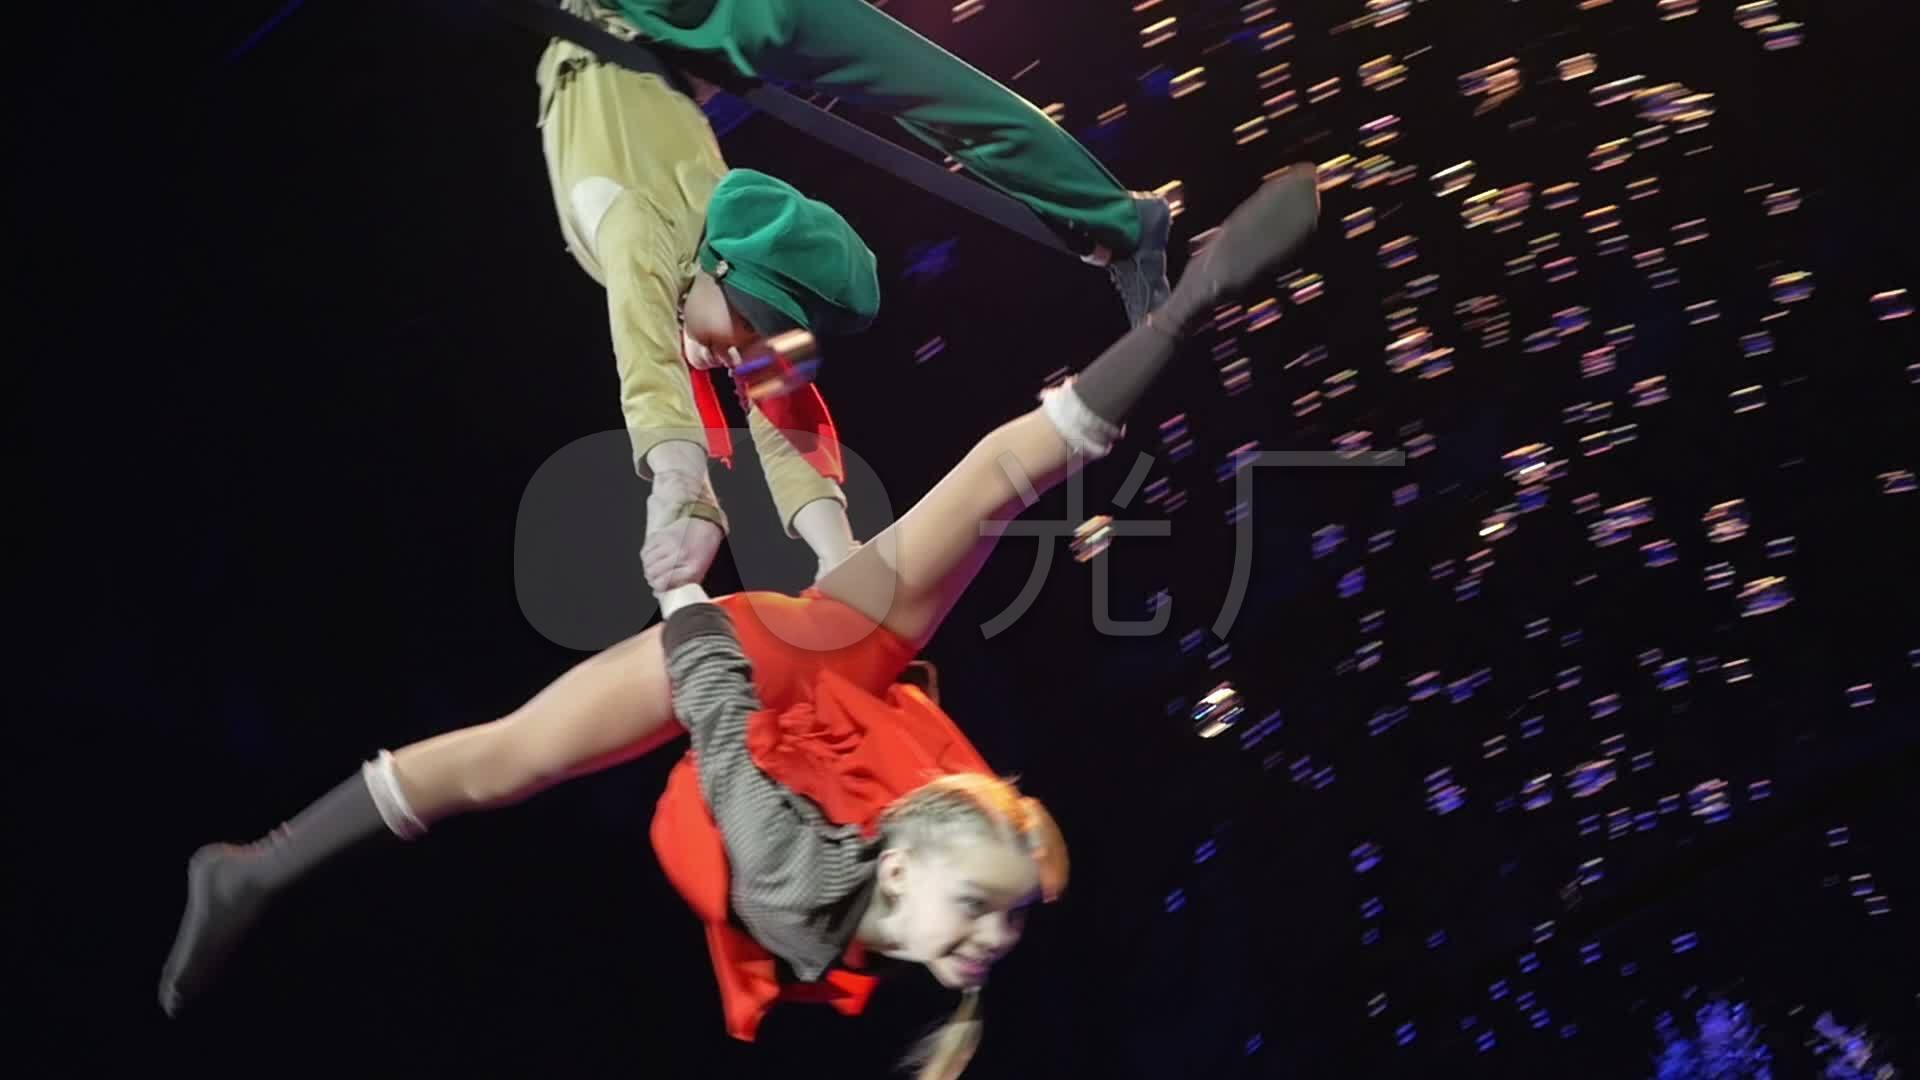 马戏团v高清马戏团嘉年华_1920X1080_高清视猴日鸡视频图片